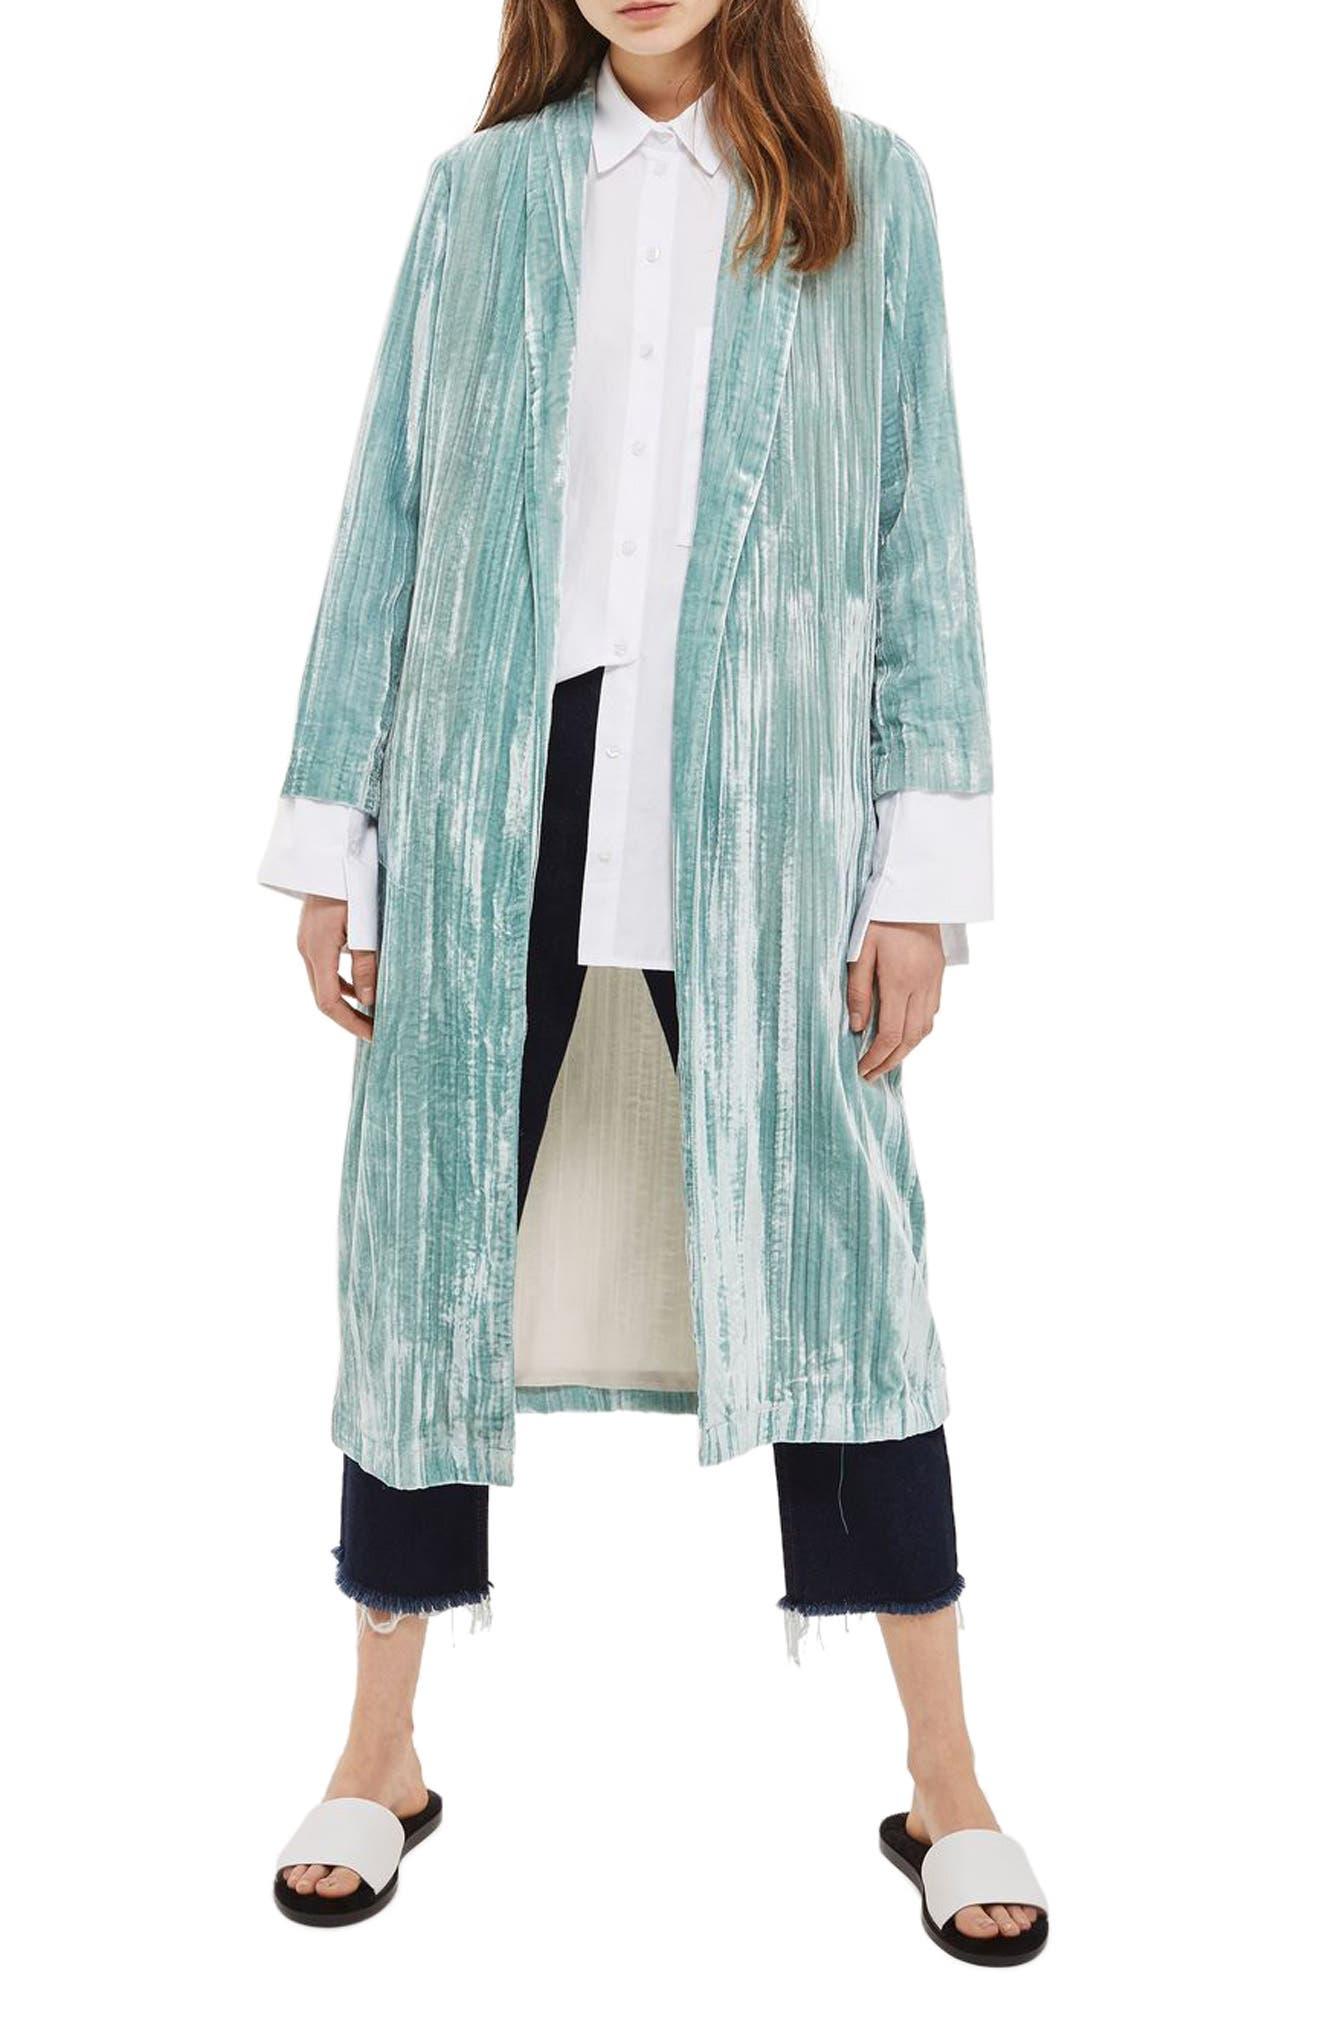 Topshop Velvet Duster Coat